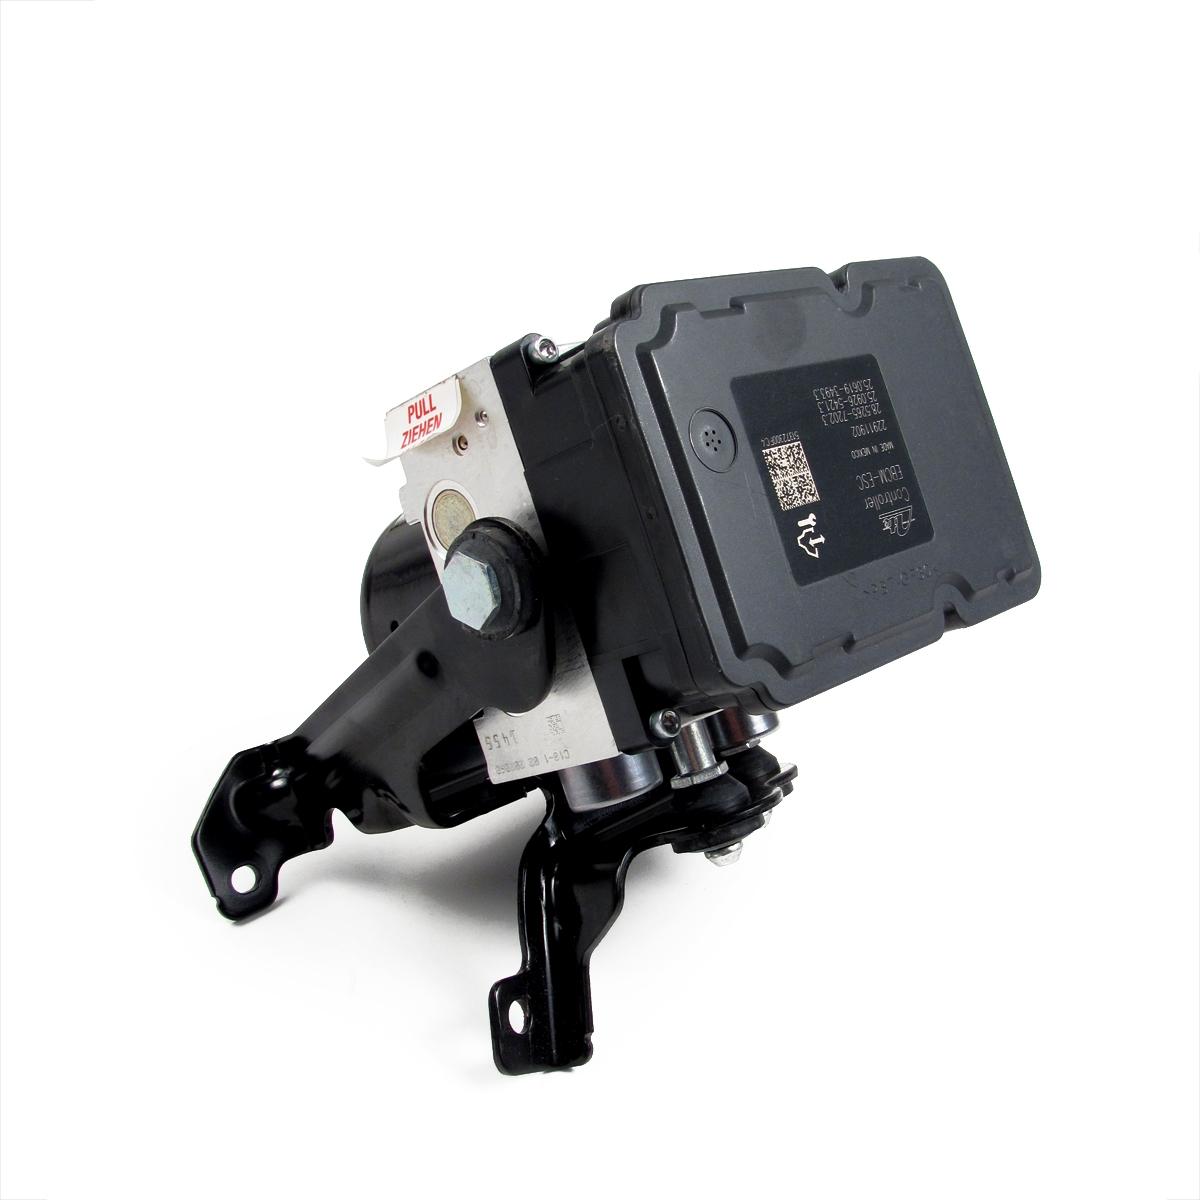 Electronic Control Module >> Electronic Brake Control Module Ebcm And Electronic Control Brake Pressure Modulator Valve Factory Part Nos 22754644 23156466 22911902 22911900